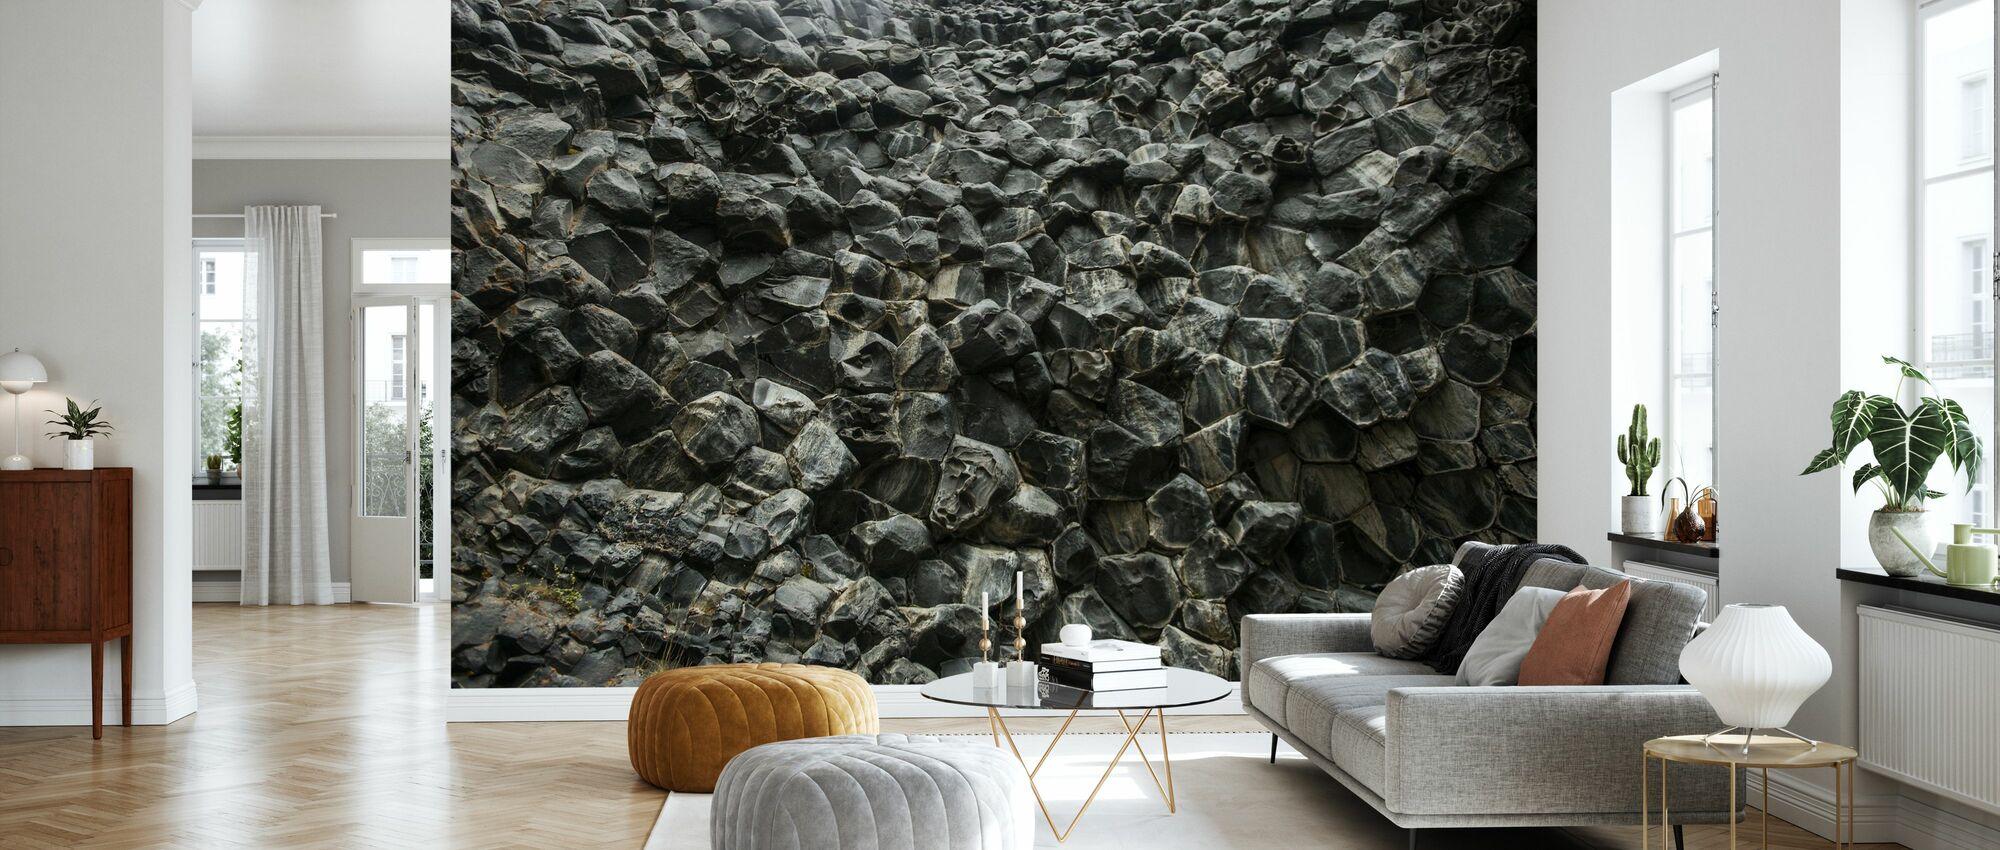 Honeycomb Mønstret Basalt vegg - Tapet - Stue